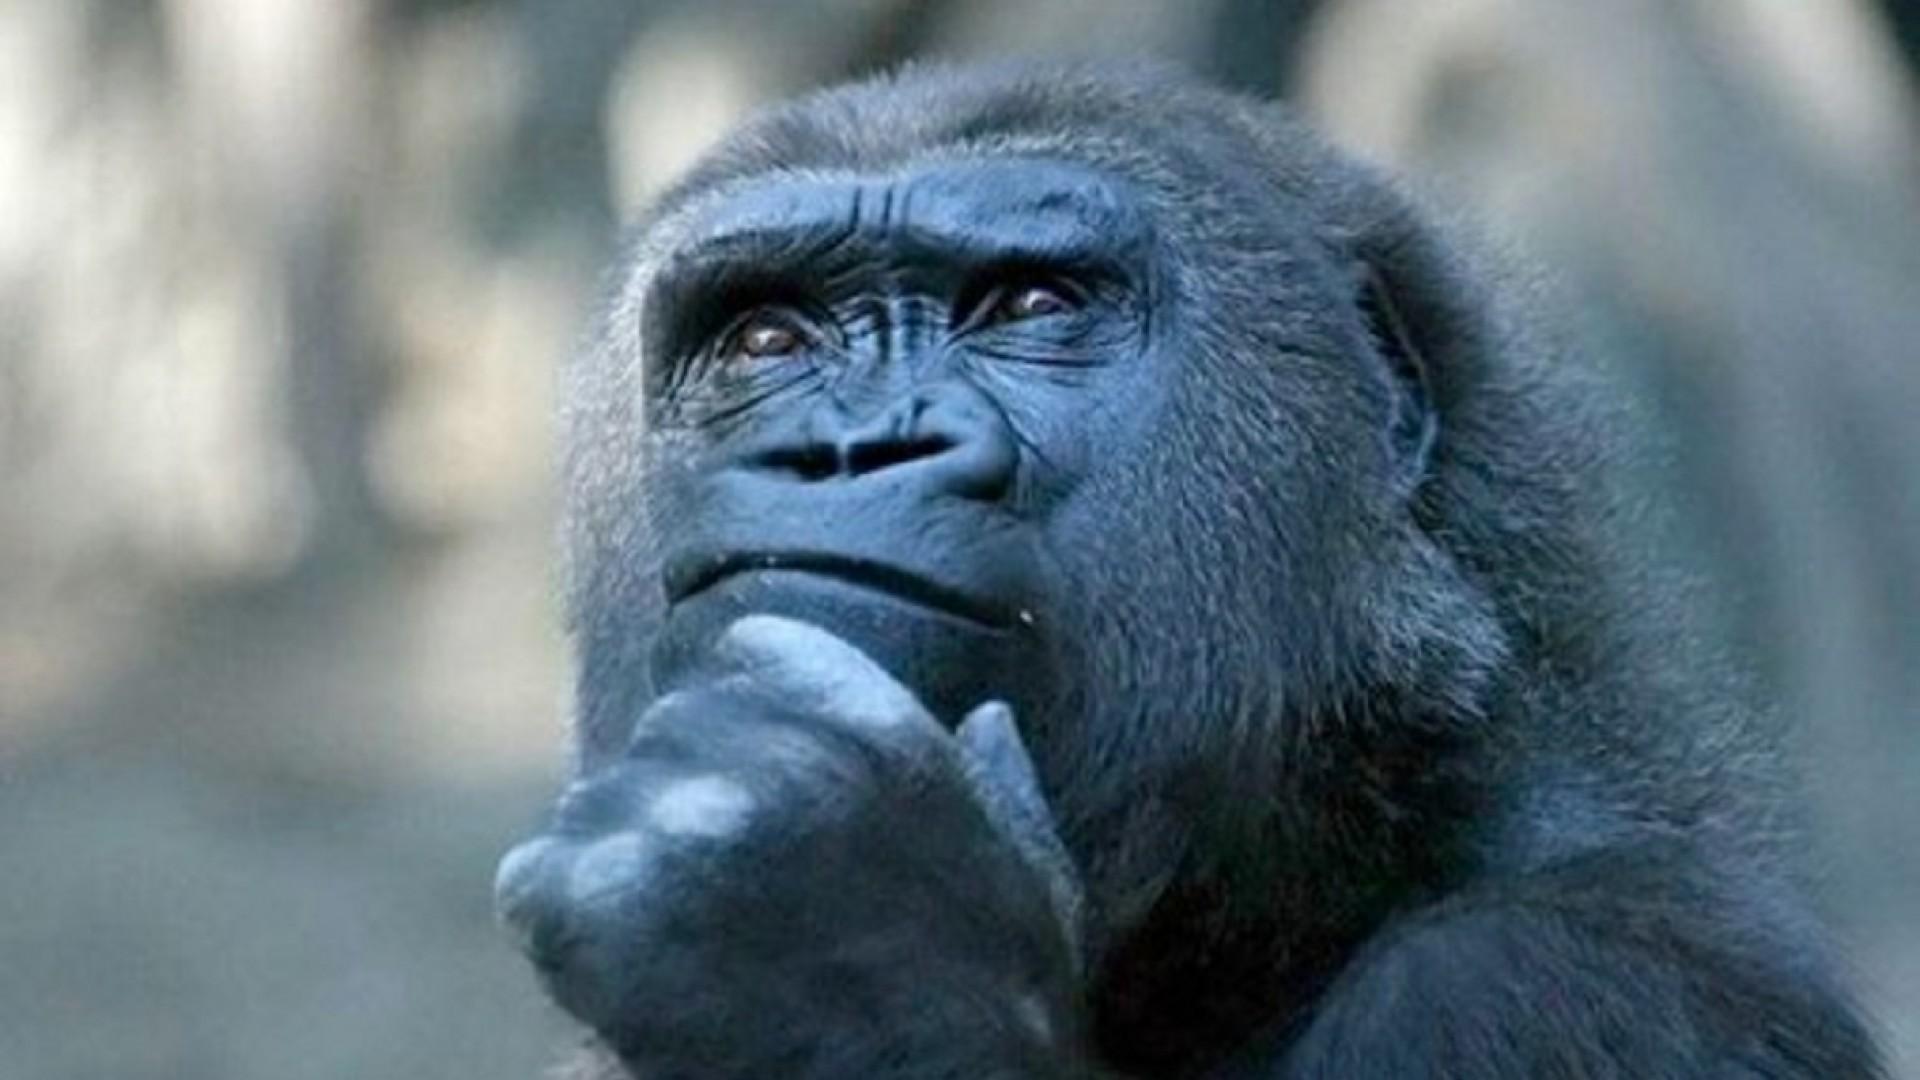 ежедневная картинка с тремя обезьянами мем фотограф при создании